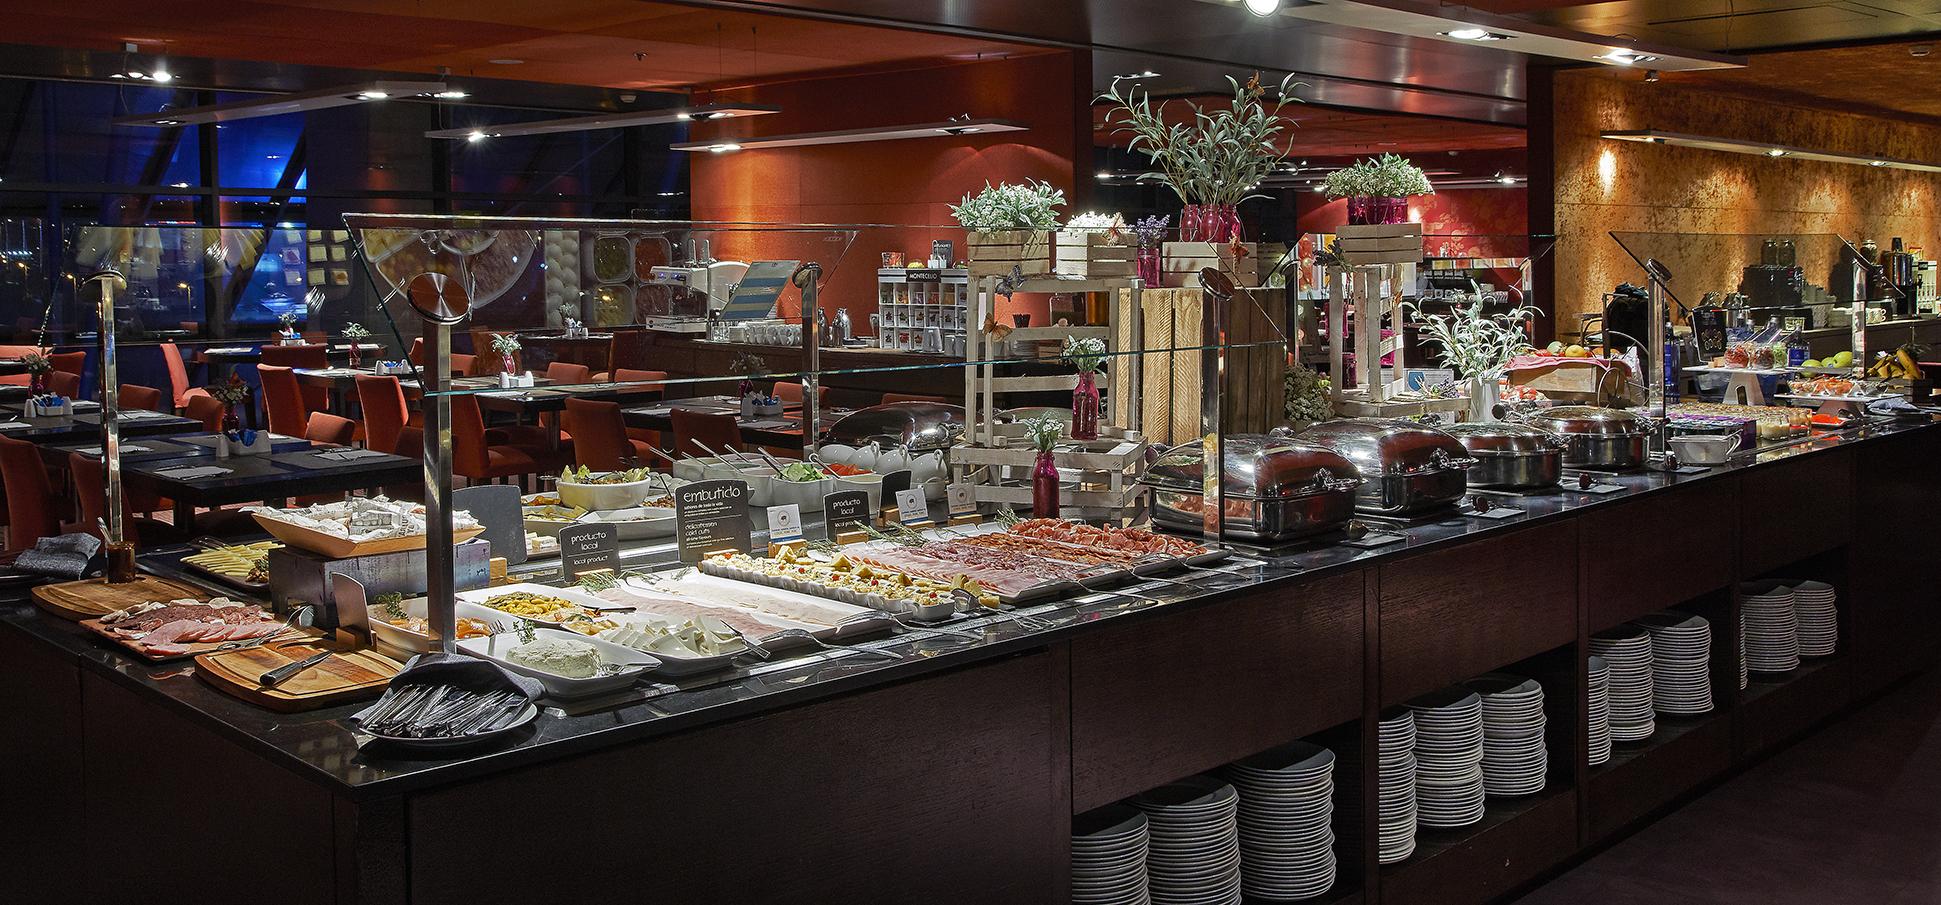 Desayuno en el Hotel Hesperia Barcelona Tower